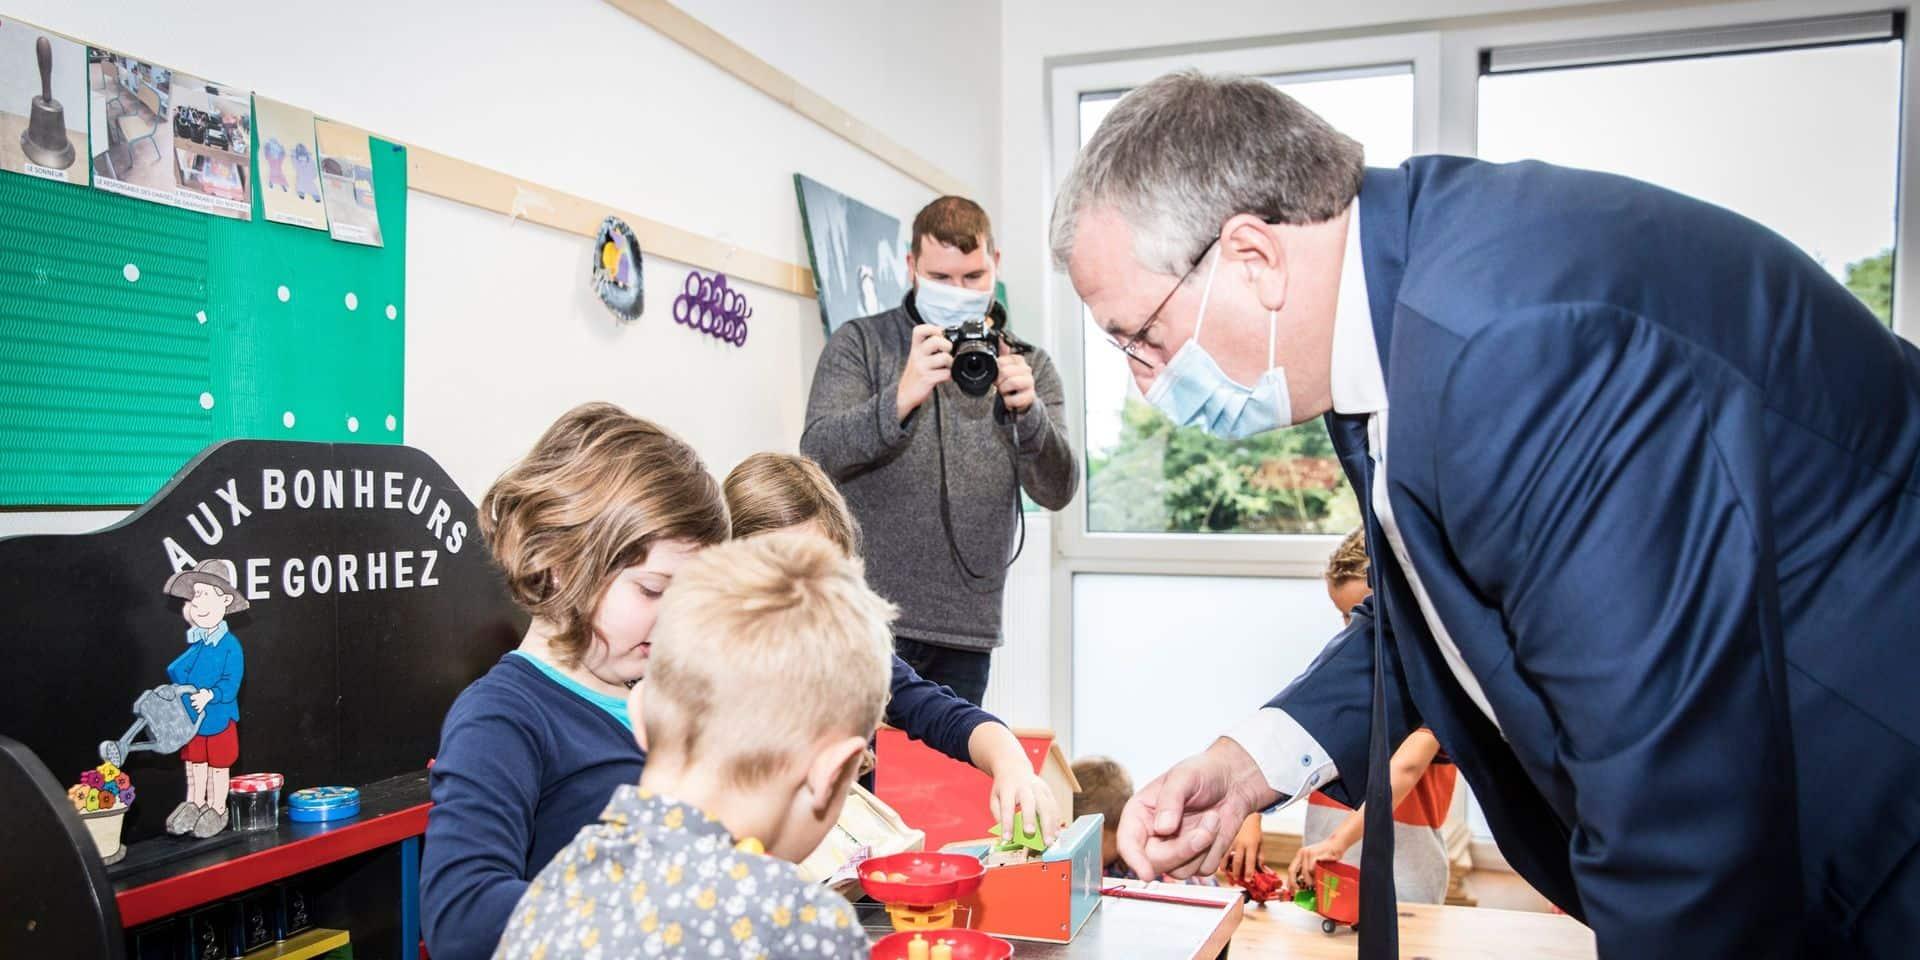 Le respect de l'obligation scolaire sera contrôlé de manière effective, prévient Pierre-Yves Jeholet